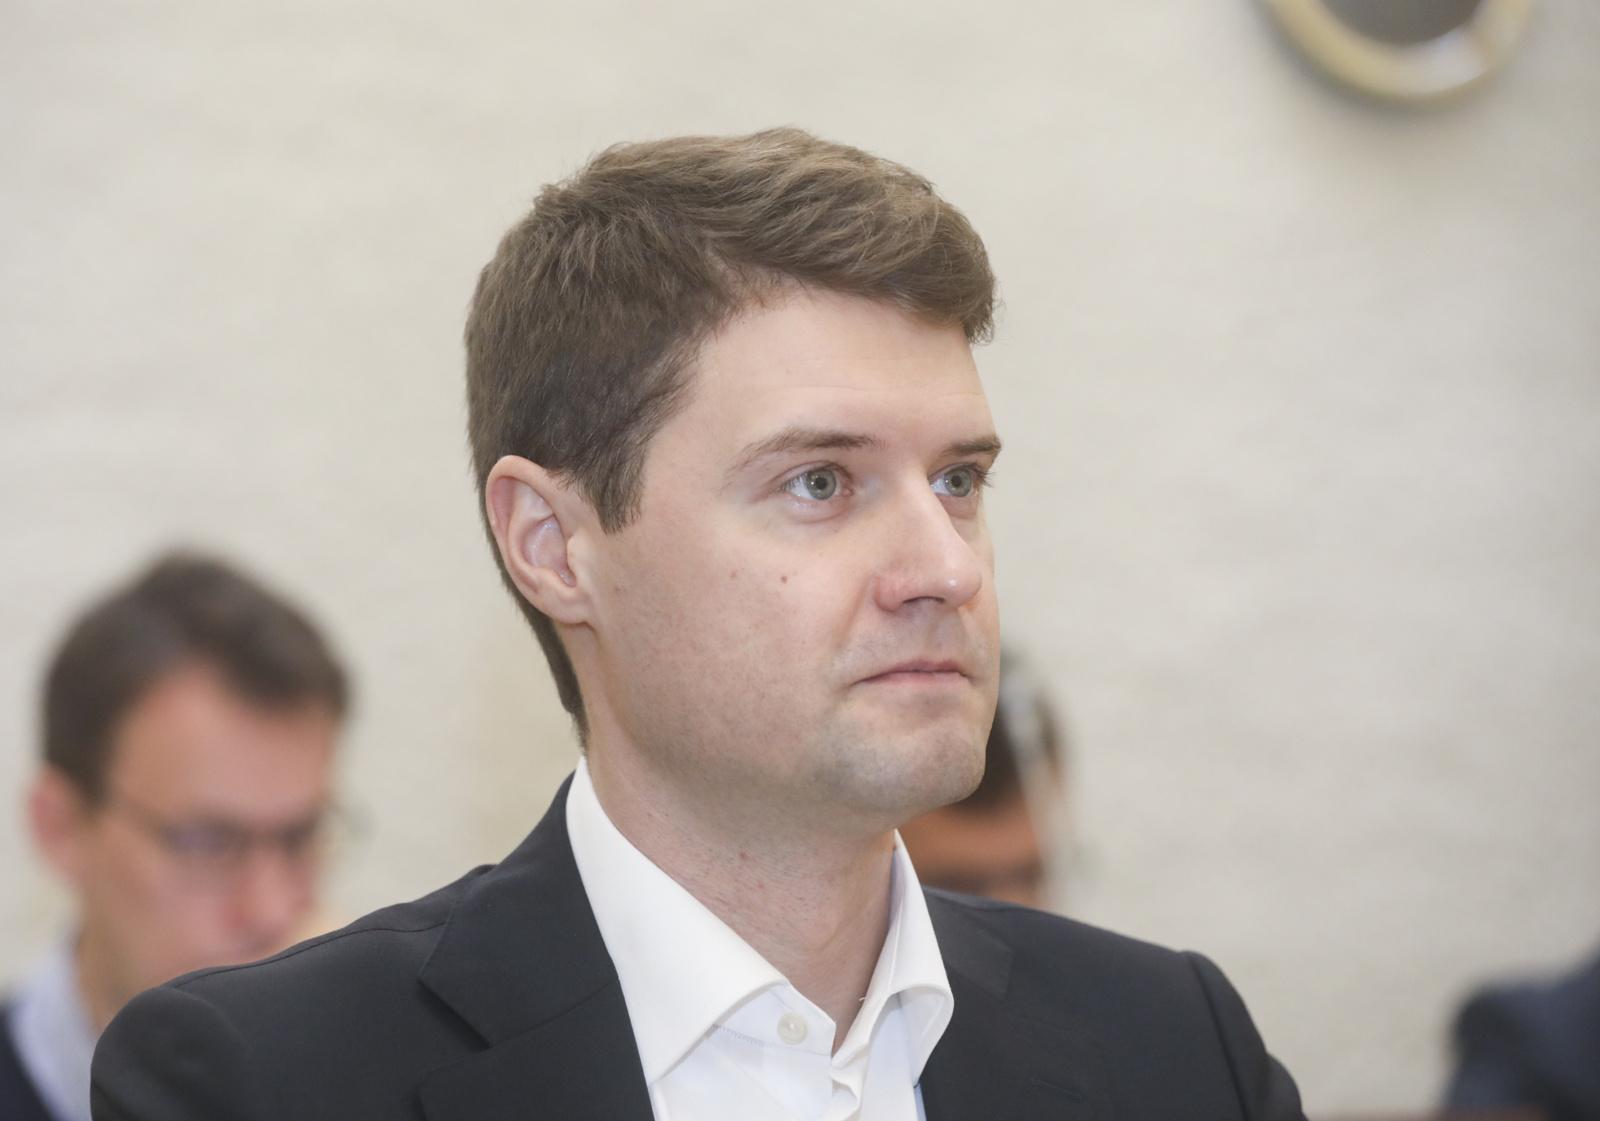 Pluoštinių kanapių įstatymas keliauja į Seimo darbotvarkę